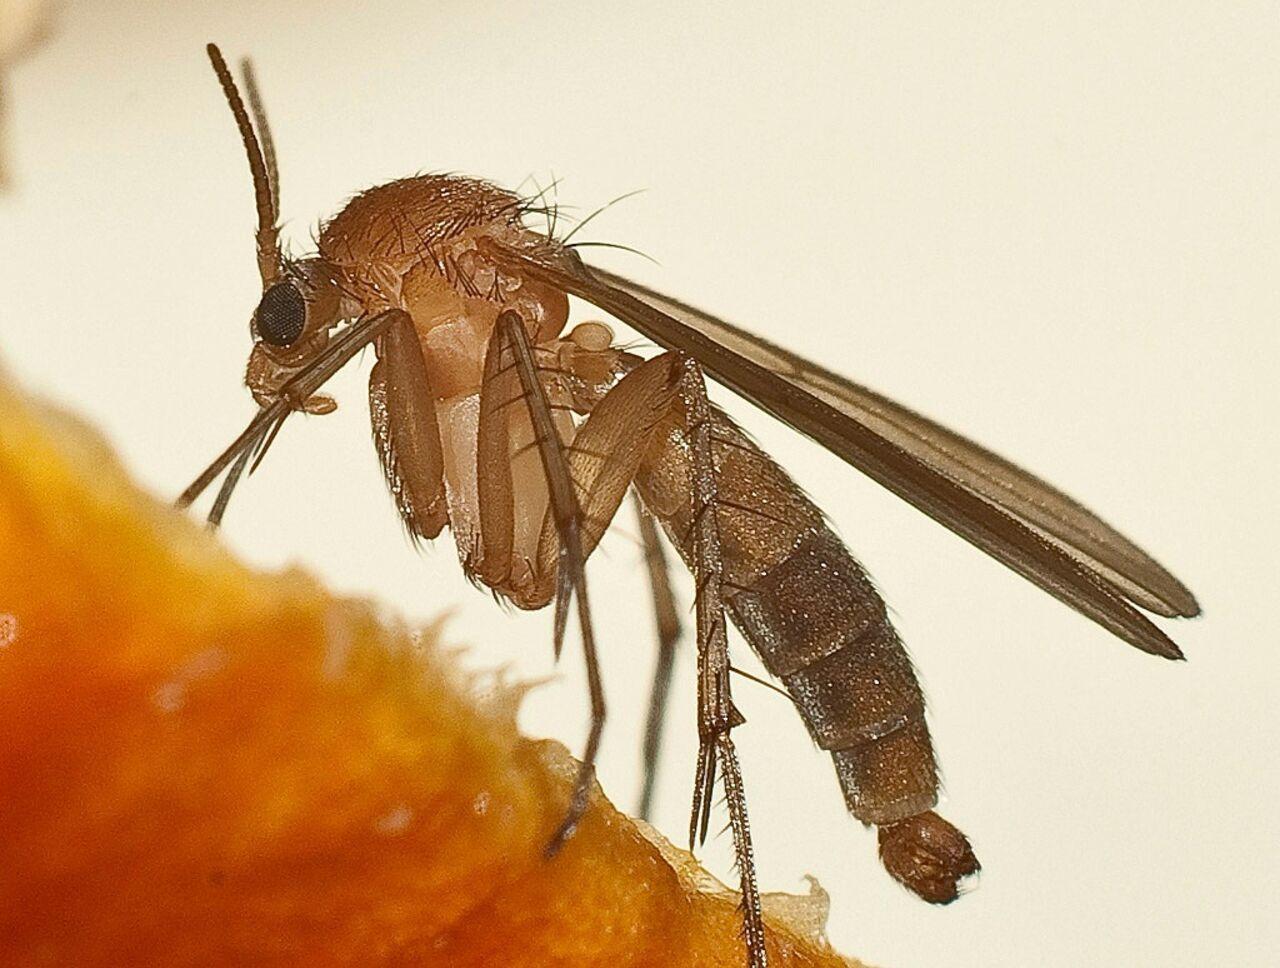 Для борьбы свирусом Зика вБразилии выведут усовершенствованных комаров